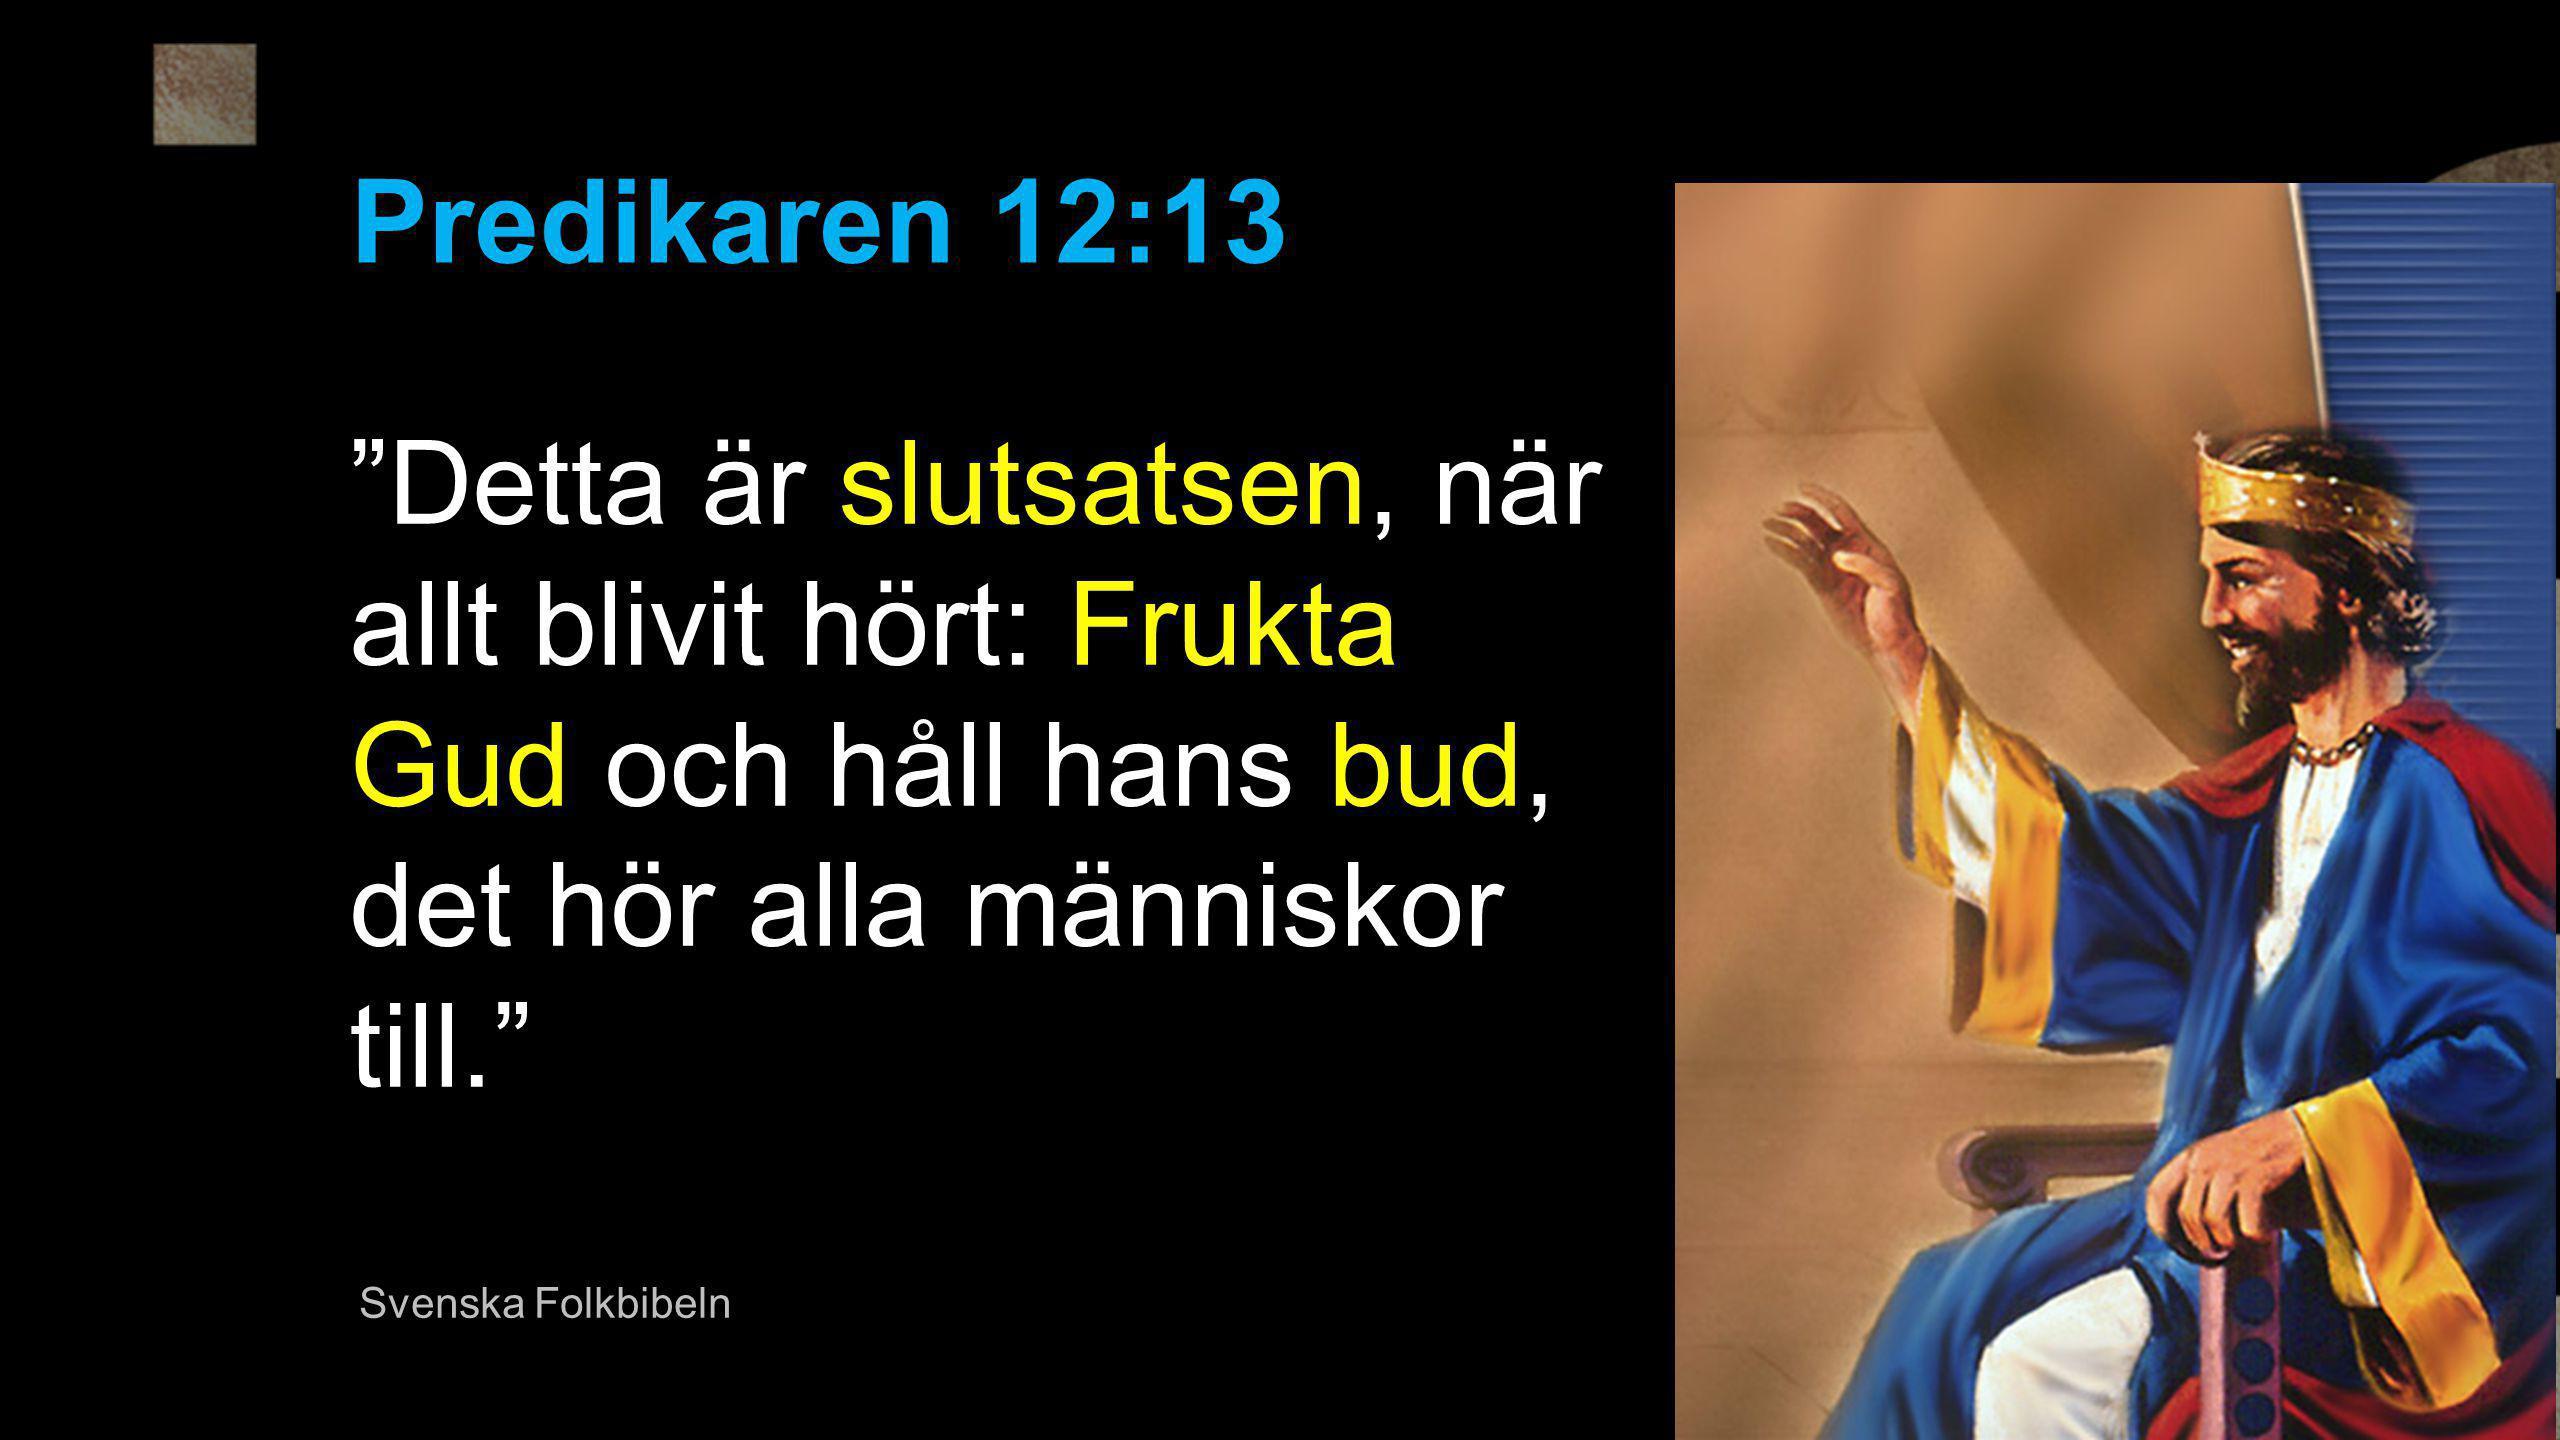 Detta är slutsatsen, när allt blivit hört: Frukta Gud och håll hans bud, det hör alla människor till. Predikaren 12:13 Svenska Folkbibeln